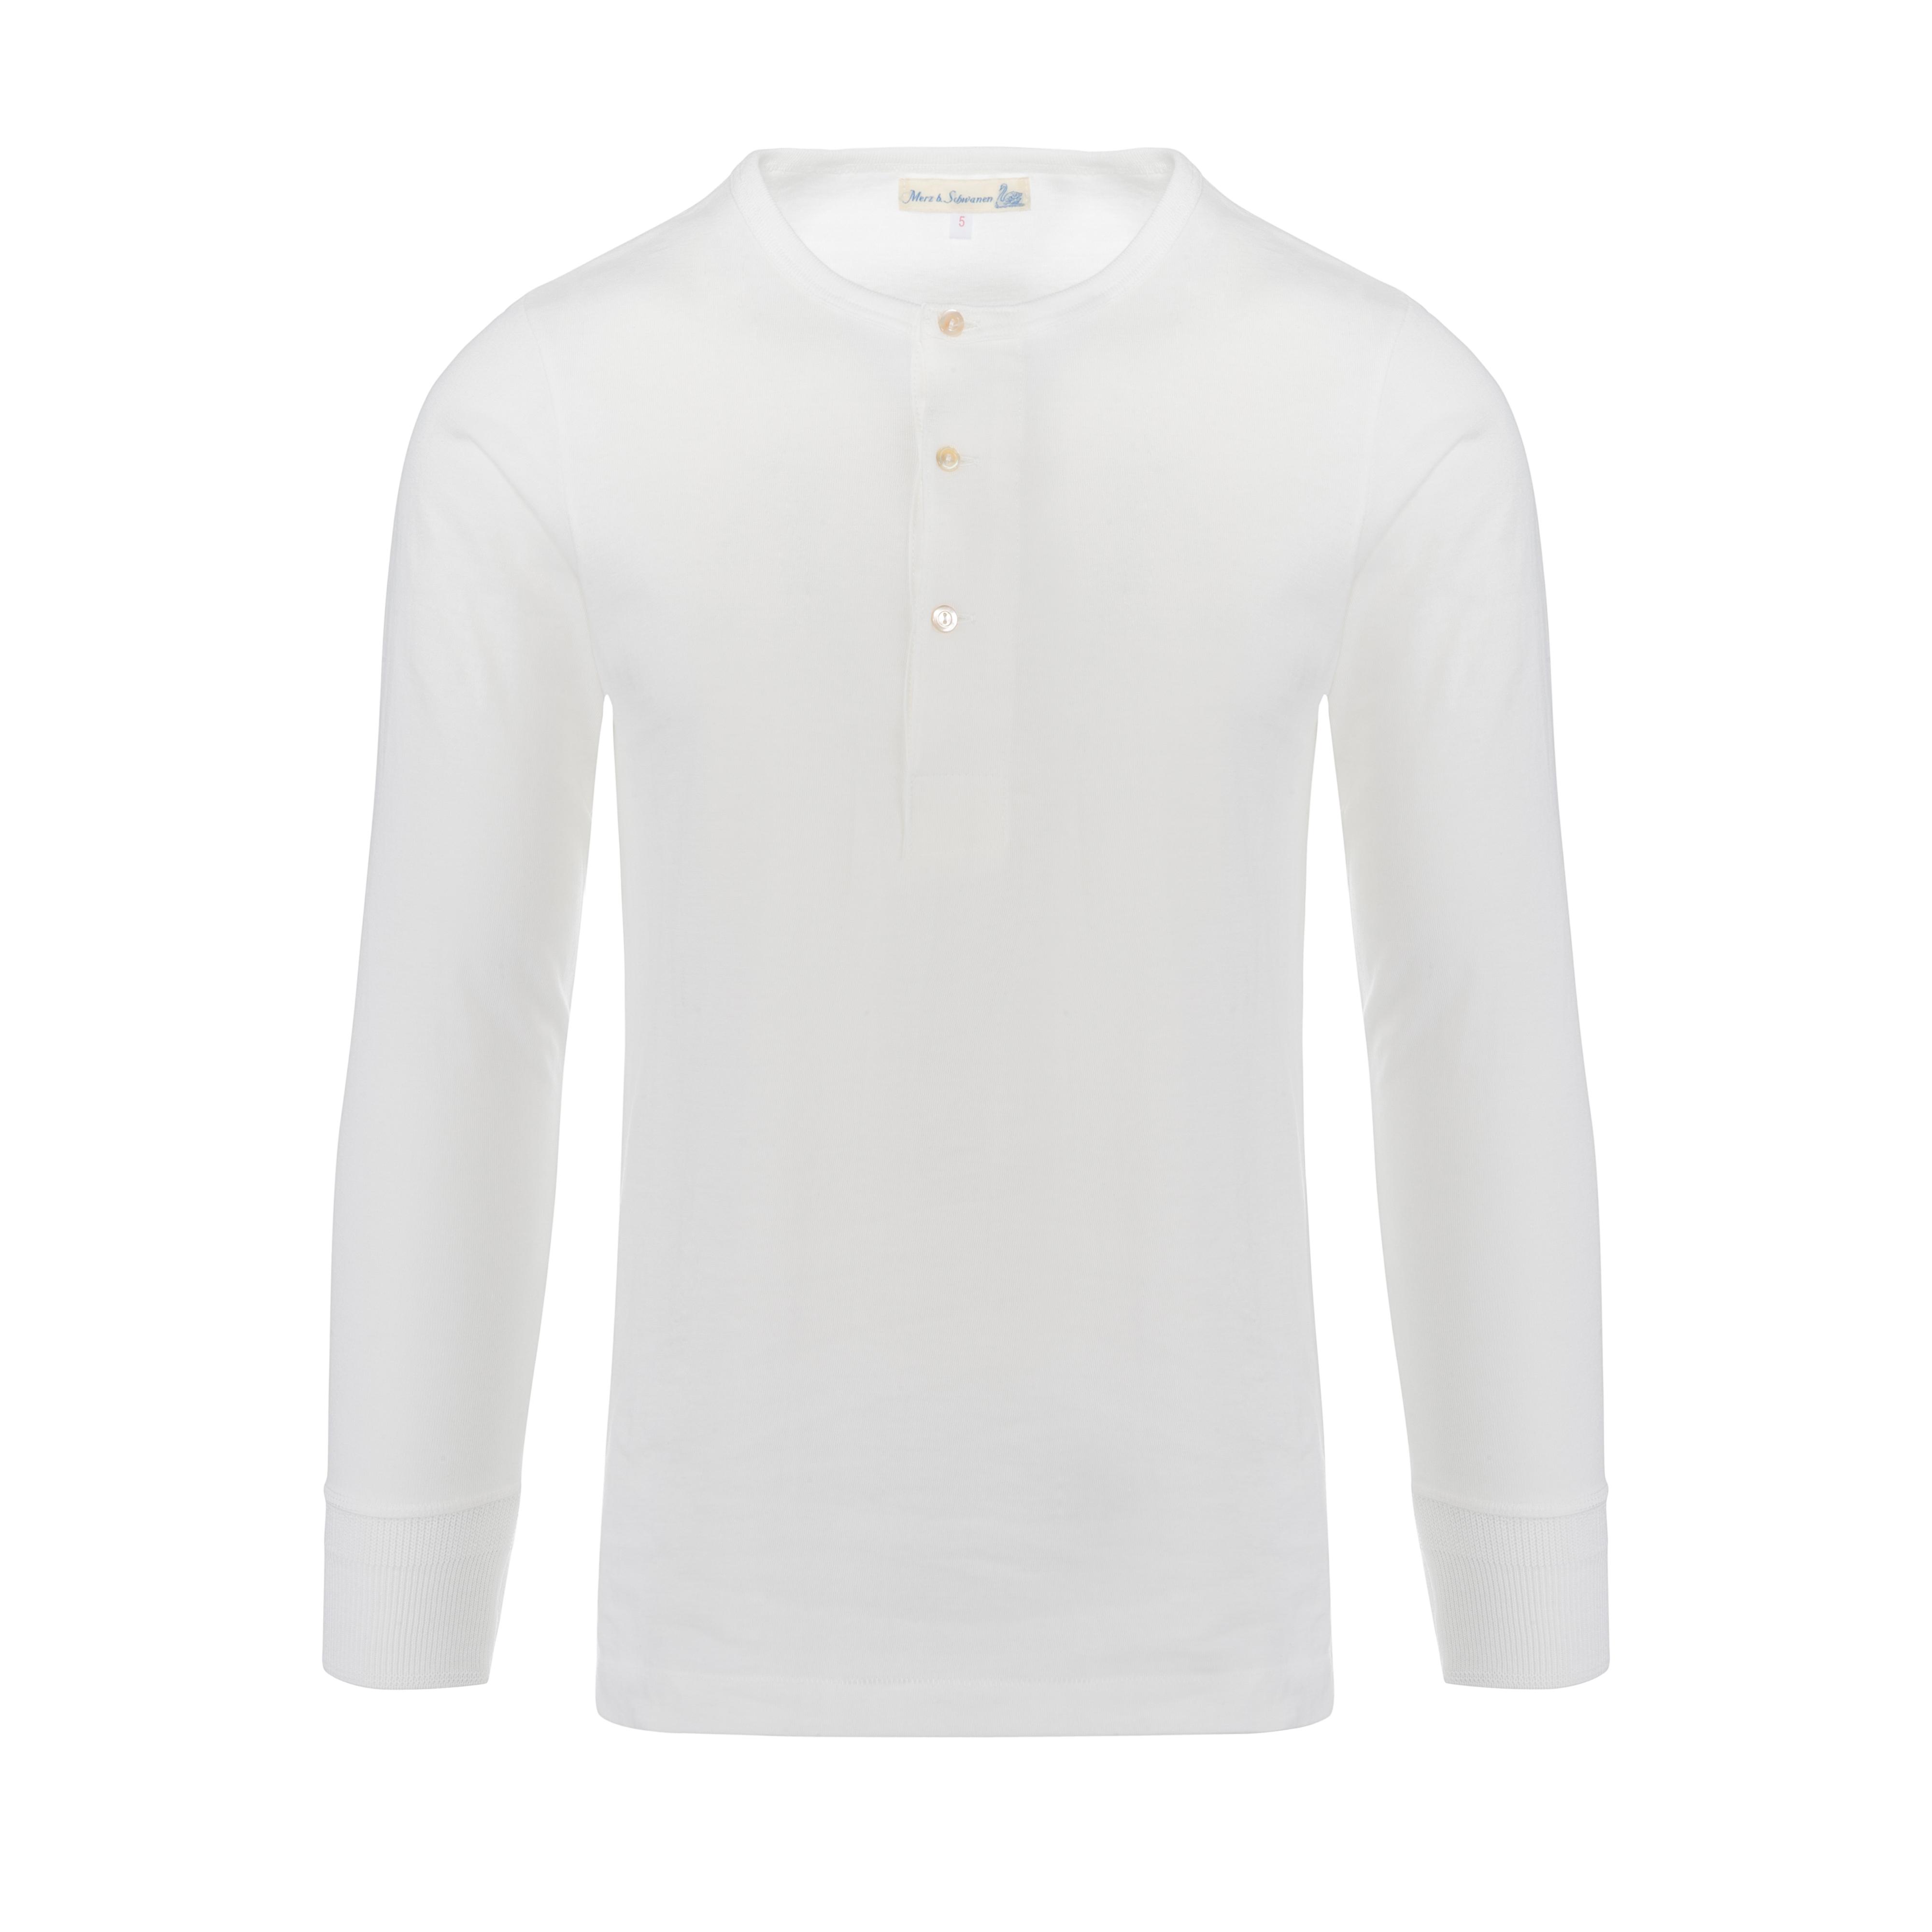 Henley 206 Longsleeve White